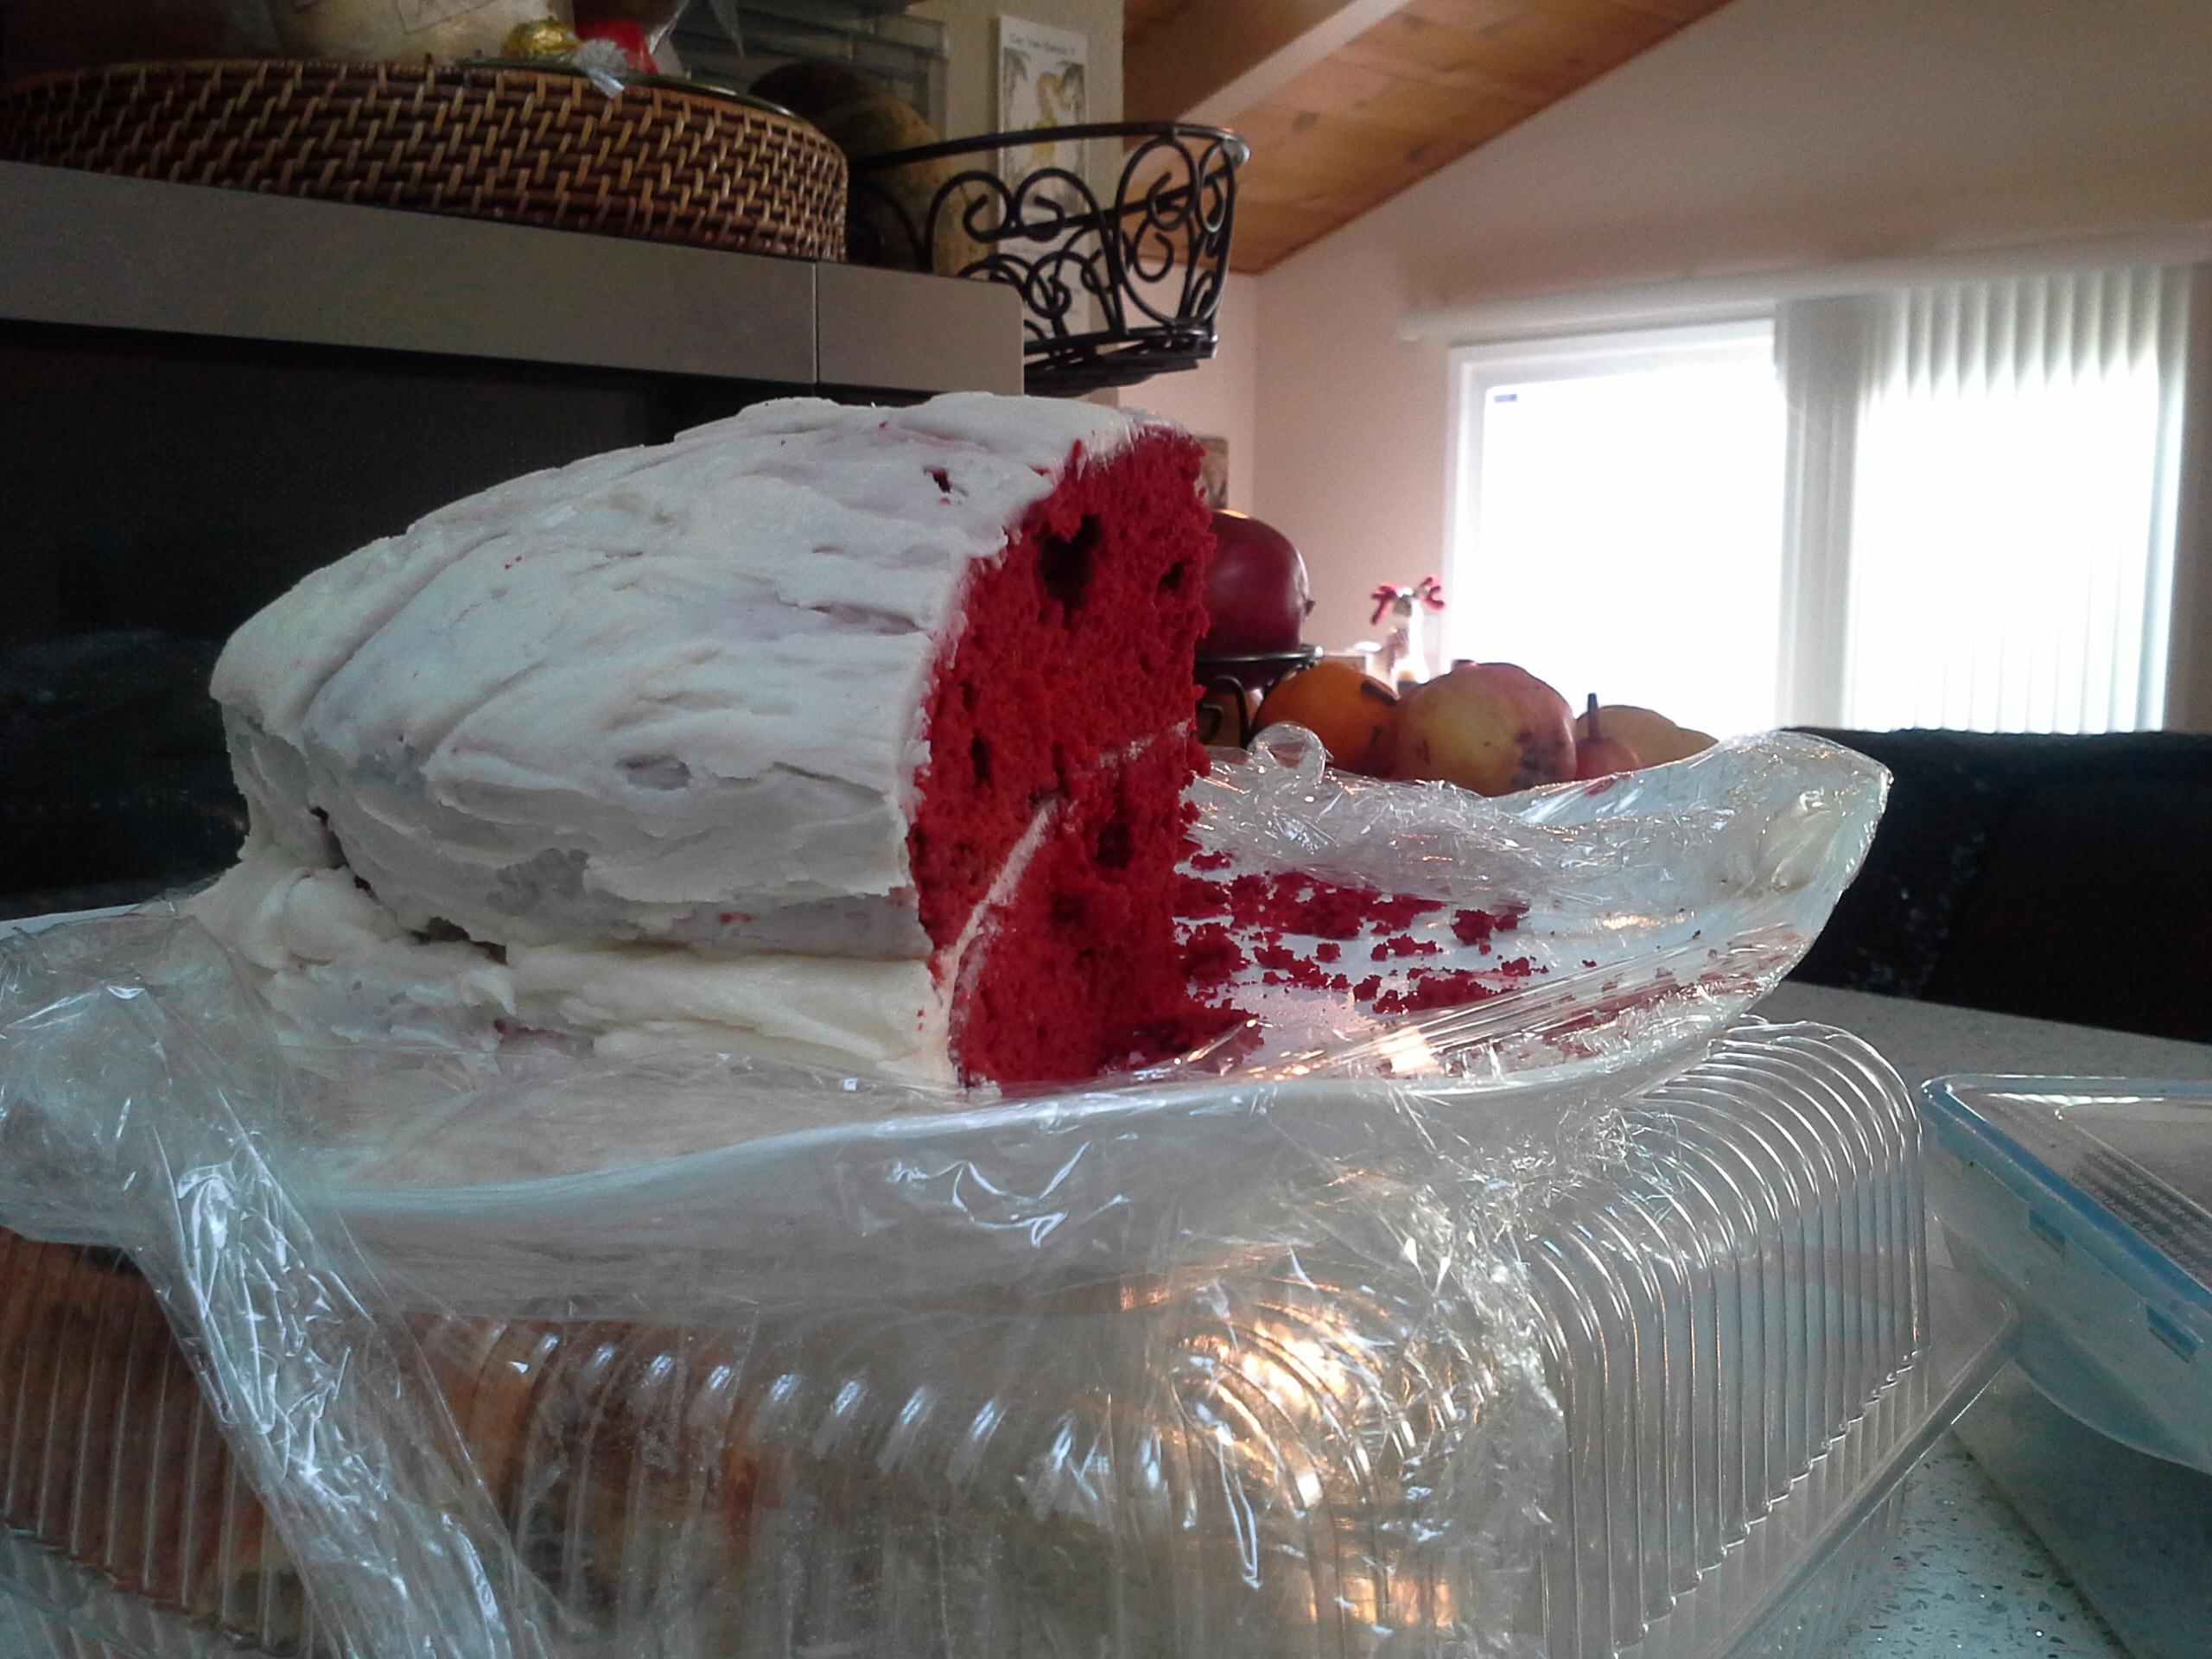 Red Velvet Cake Fashiongirl789